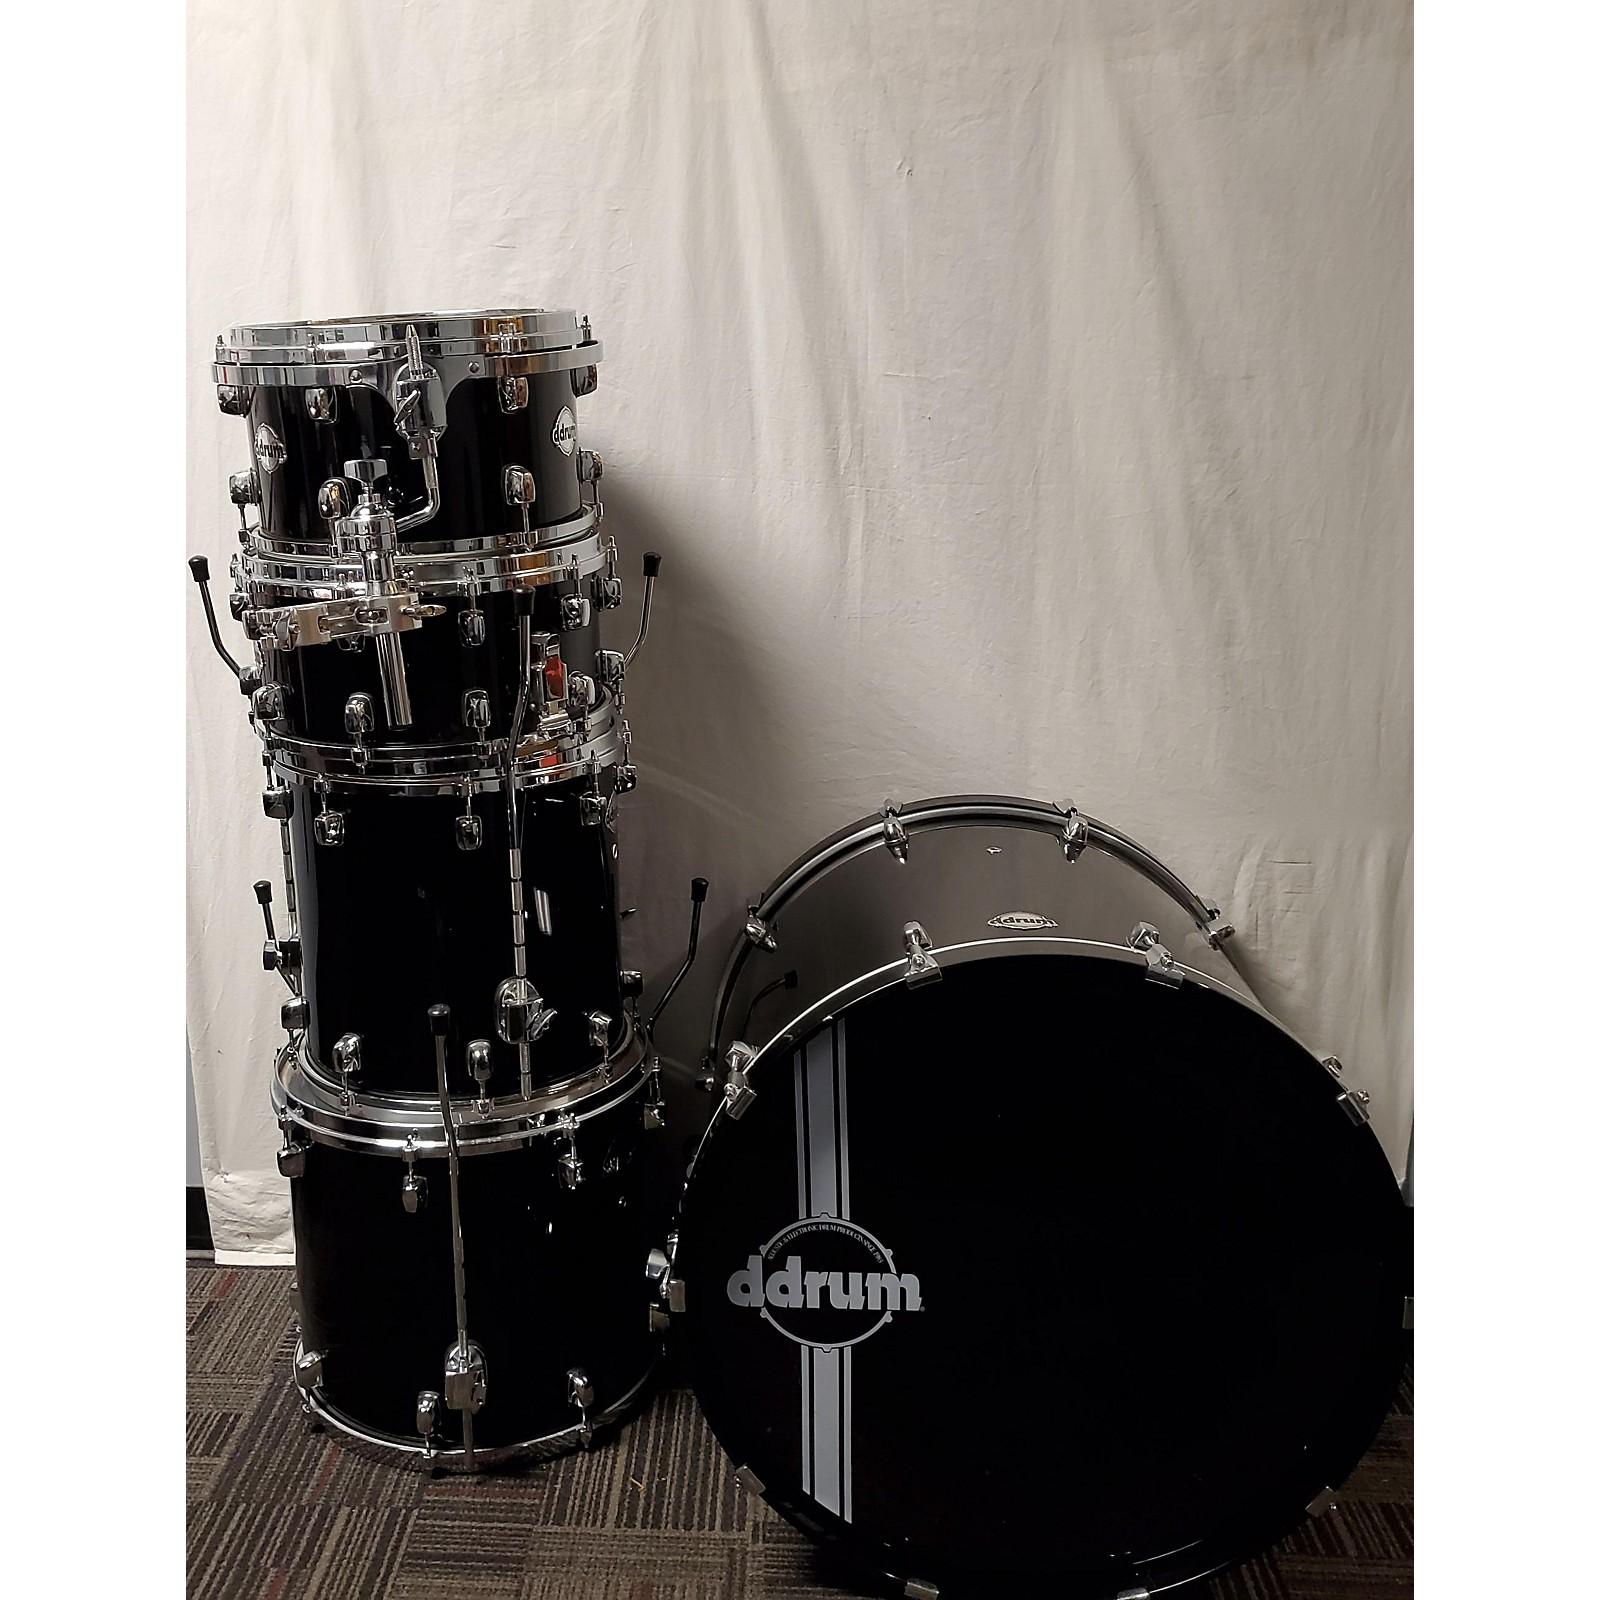 ddrum Reflex Pocket Drum Kit